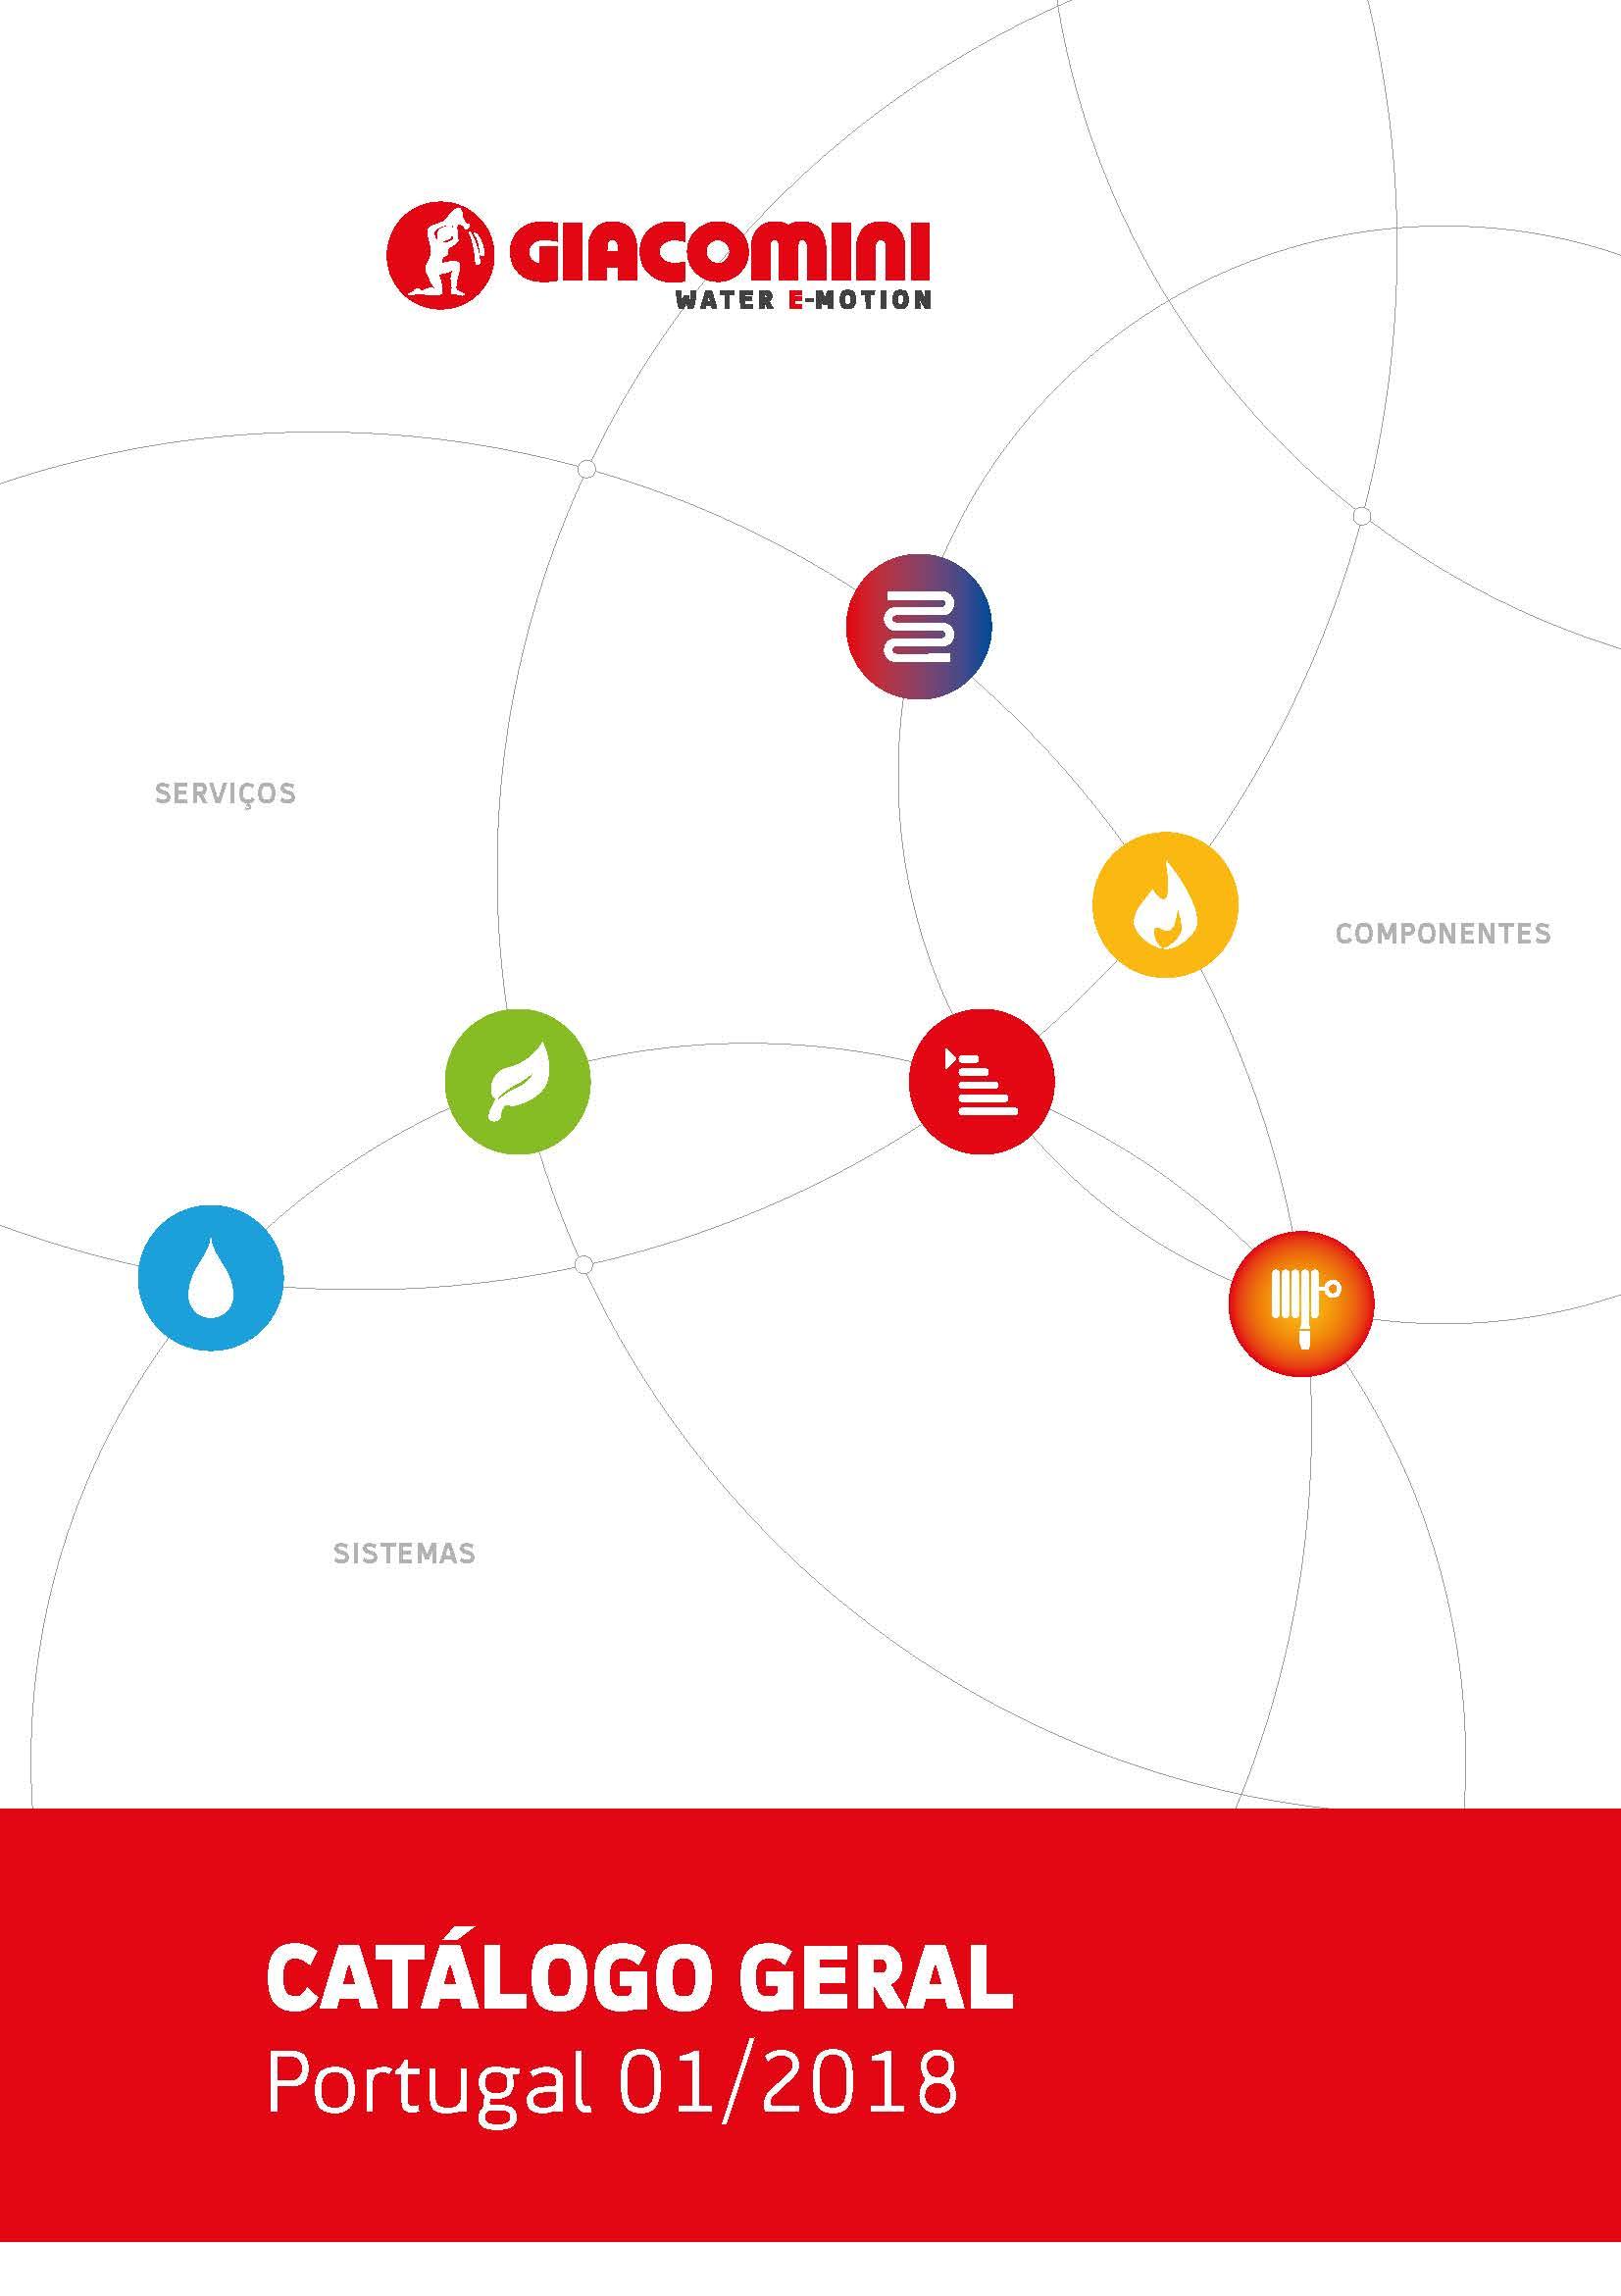 Catálogo geral Portugal 2015-2016.jpg